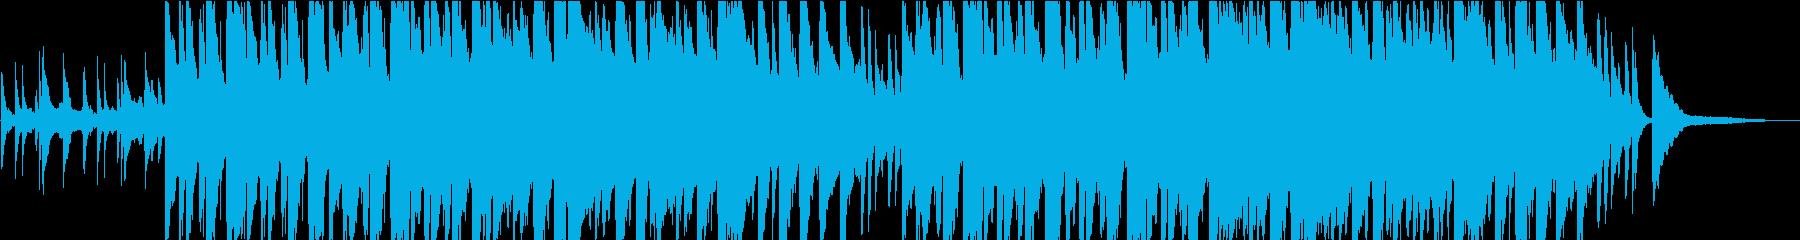 優しい雰囲気のピアノの再生済みの波形